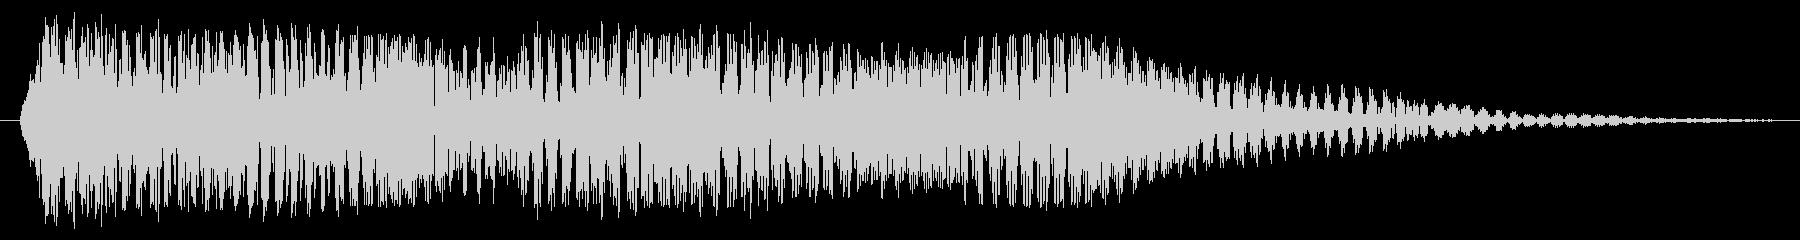 重い電子シンセの振動の影響の未再生の波形